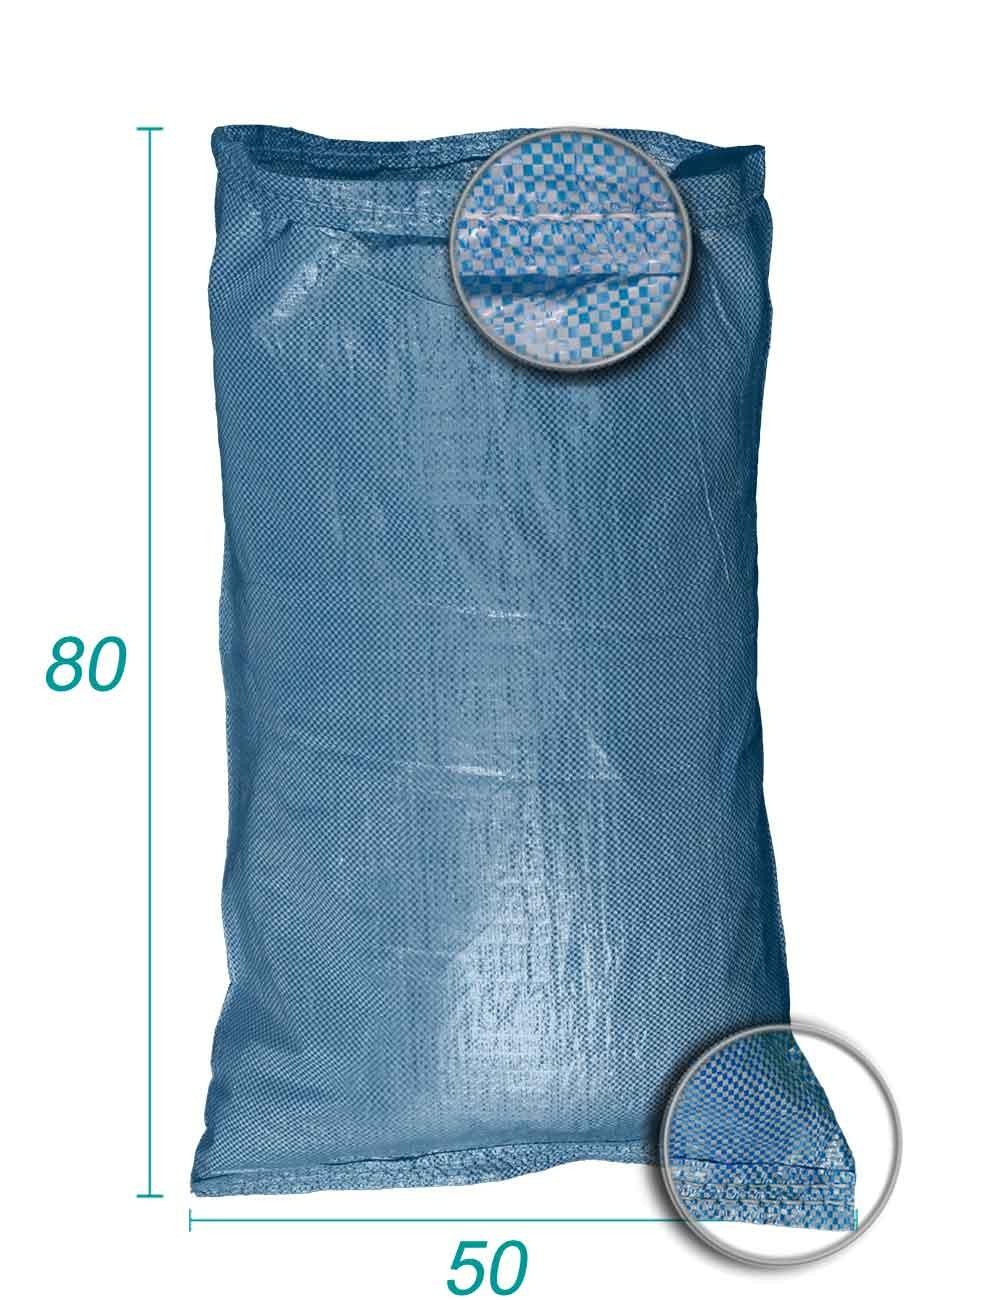 Sac vrac en Polypropylène Bleu 50X80